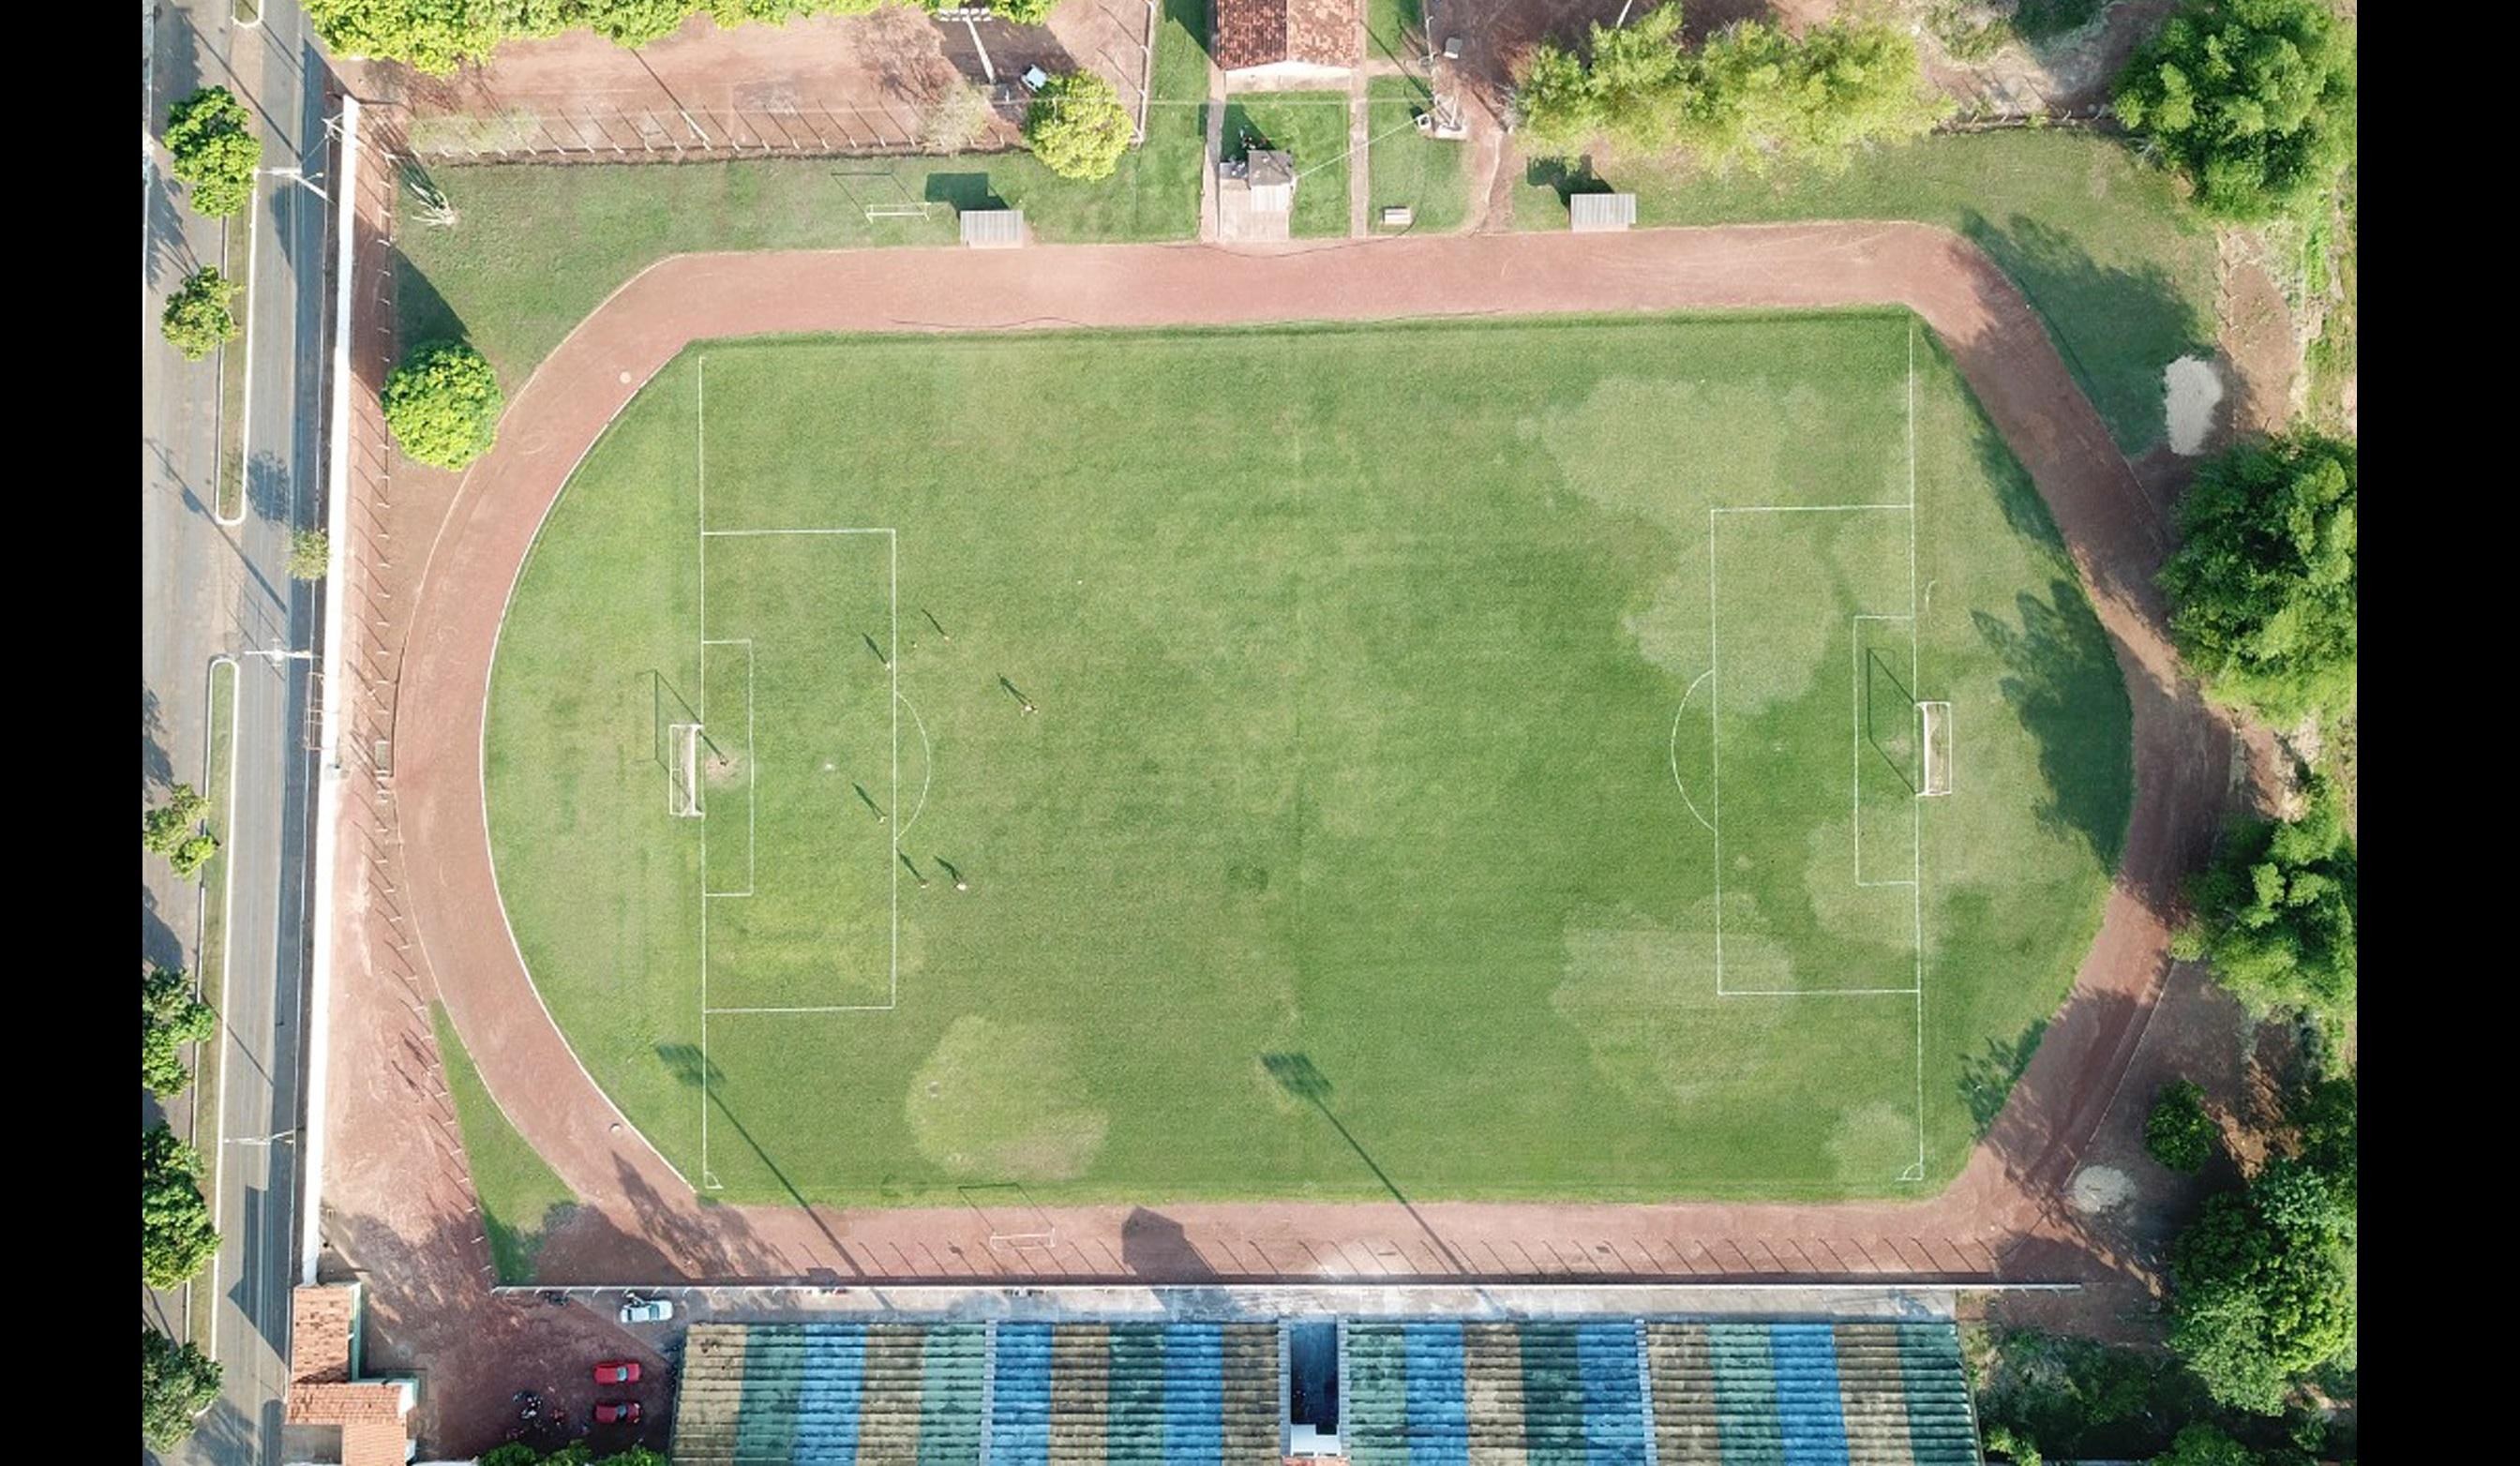 Foto: Divulgação/Prefeitura de Guaraí - Casa do único time profissional da cidade, o Estádio Delfinão vem passando por uma ampla reforma e ampliação, fruto de um investimento da Prefeitura de Guaraí.